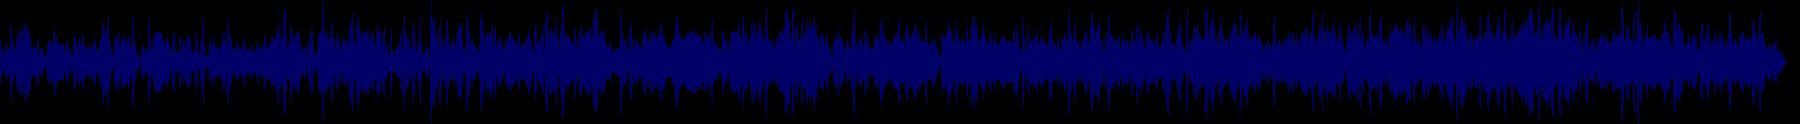 waveform of track #39246